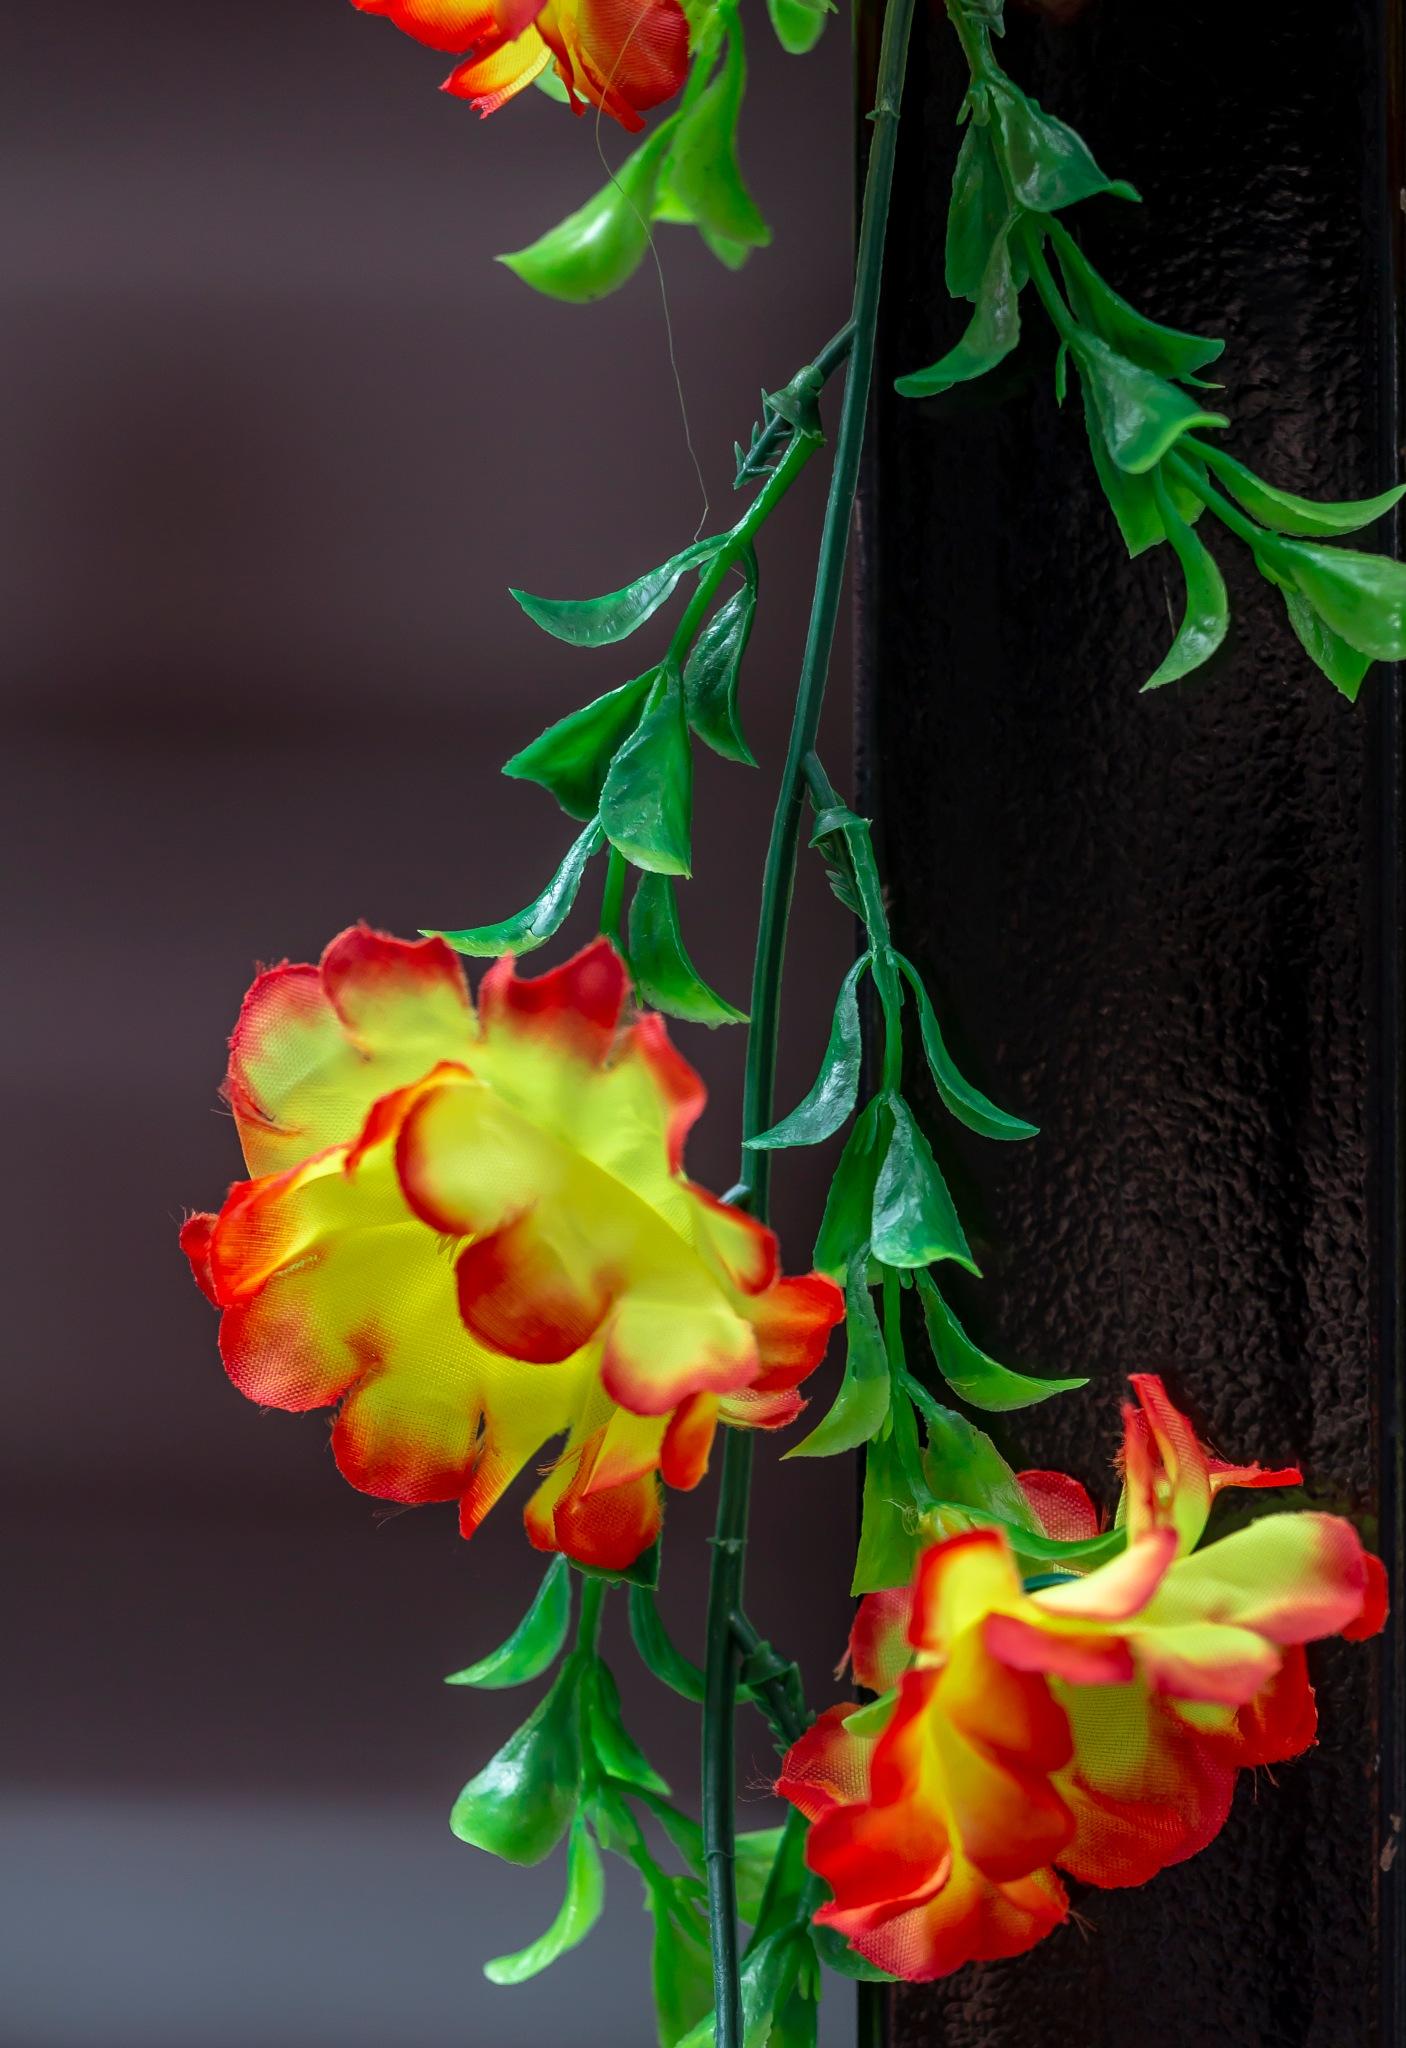 Artificial Flowers by robertullmann